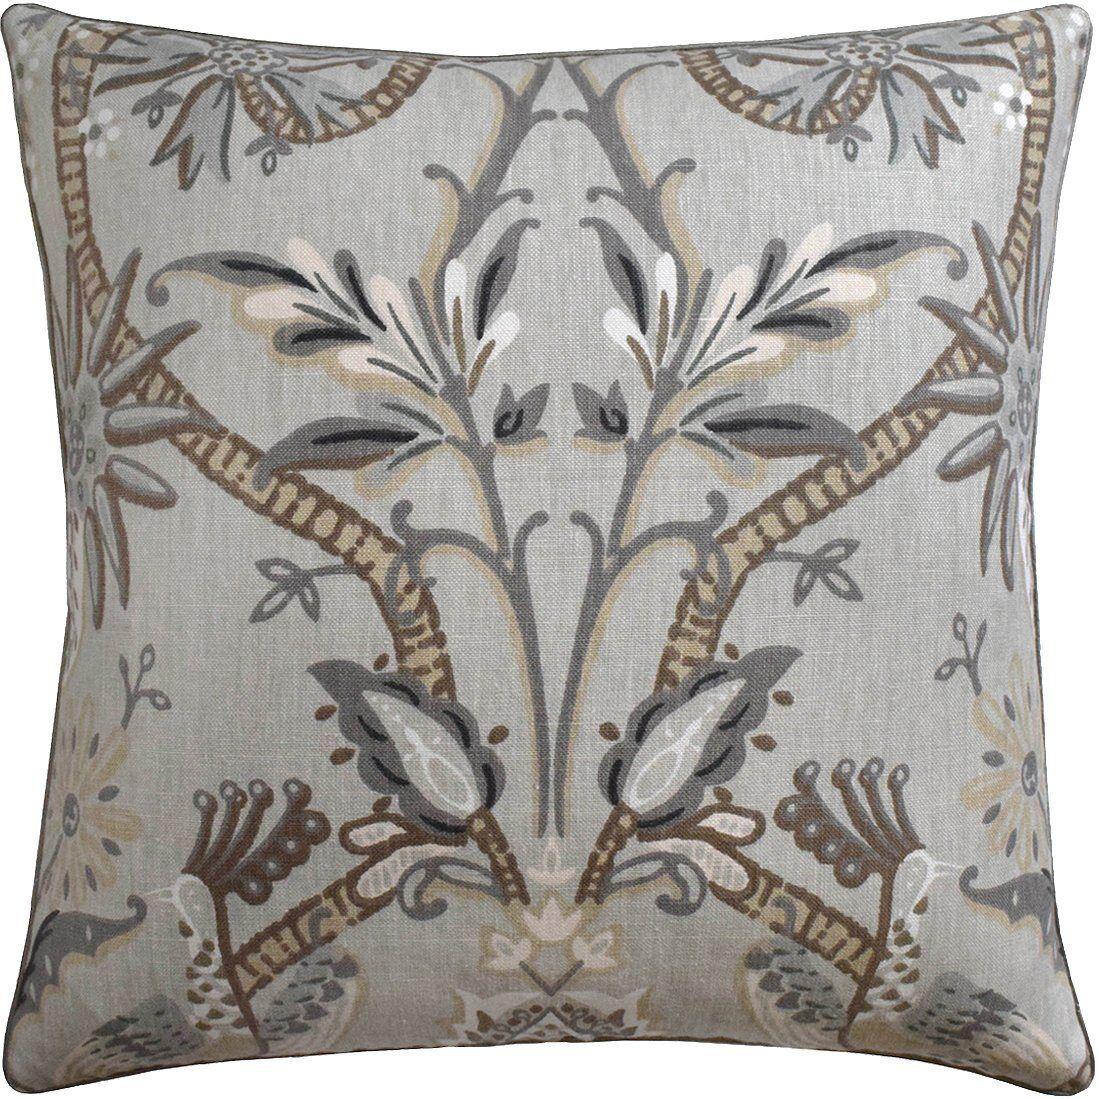 Ryan Studio Peacock Garden Grey Pillow